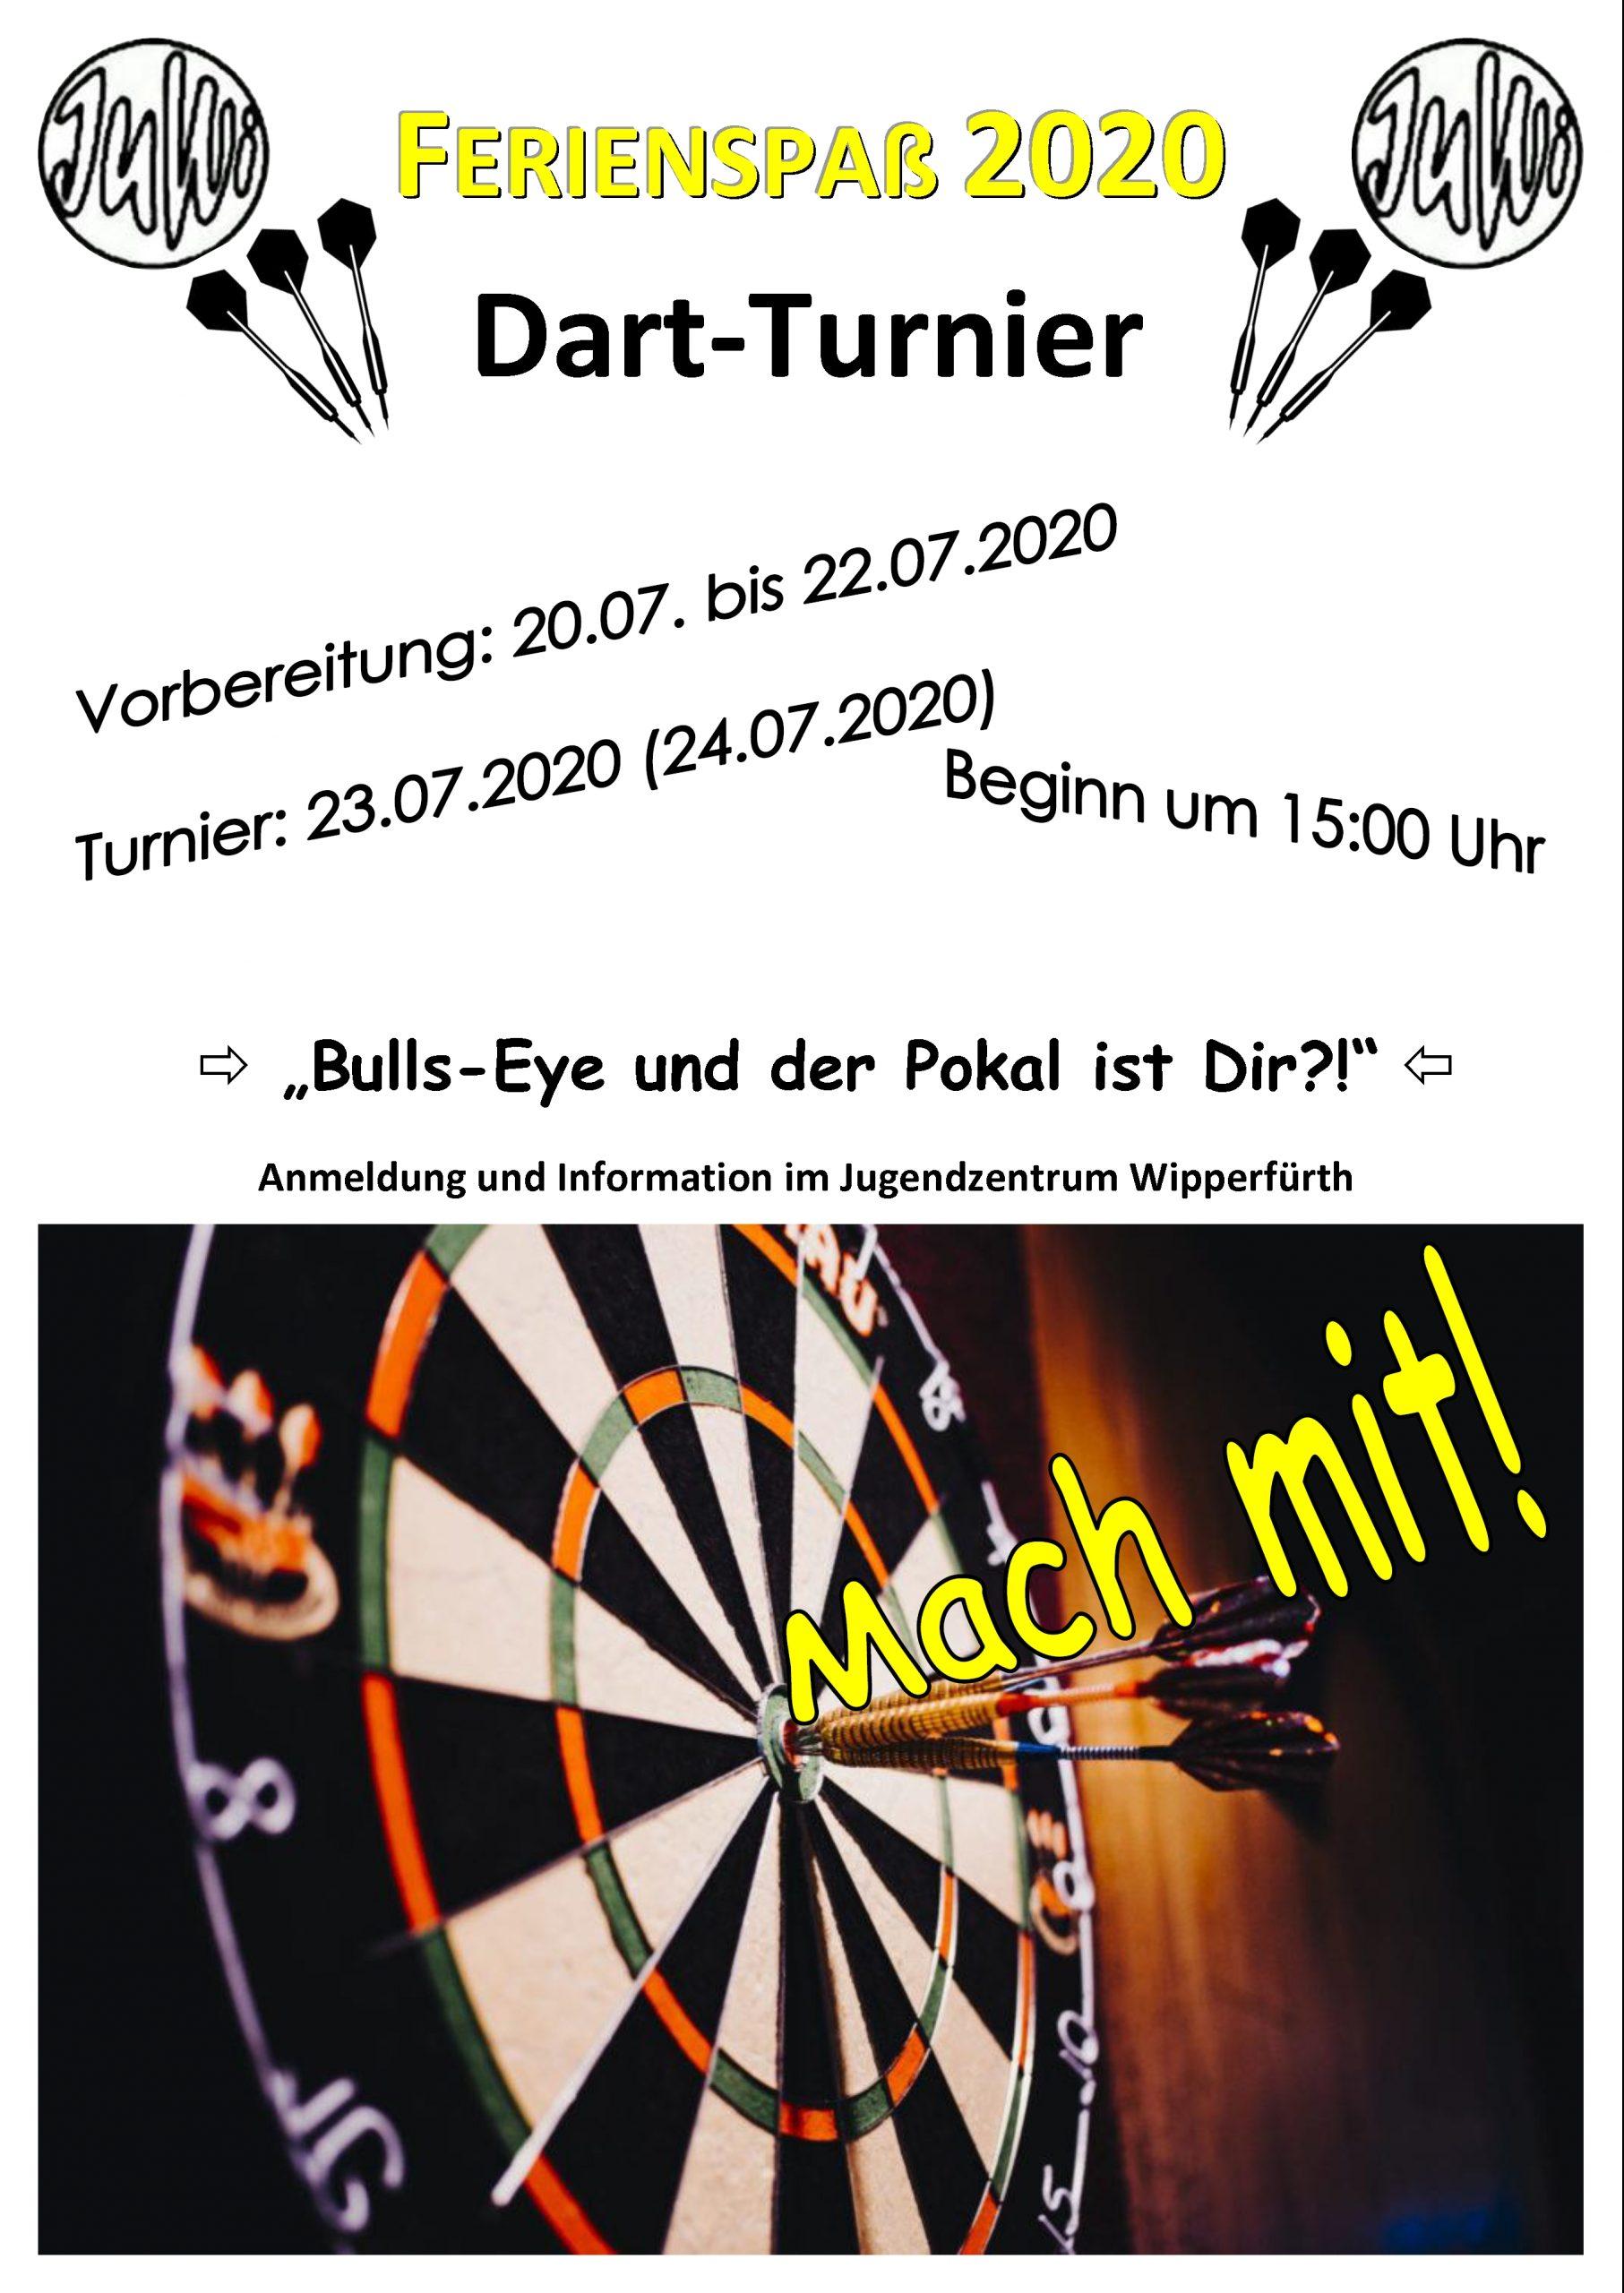 Dart-Turnier im JuWi. Am Donnerstag, dem 23. Juli 2020